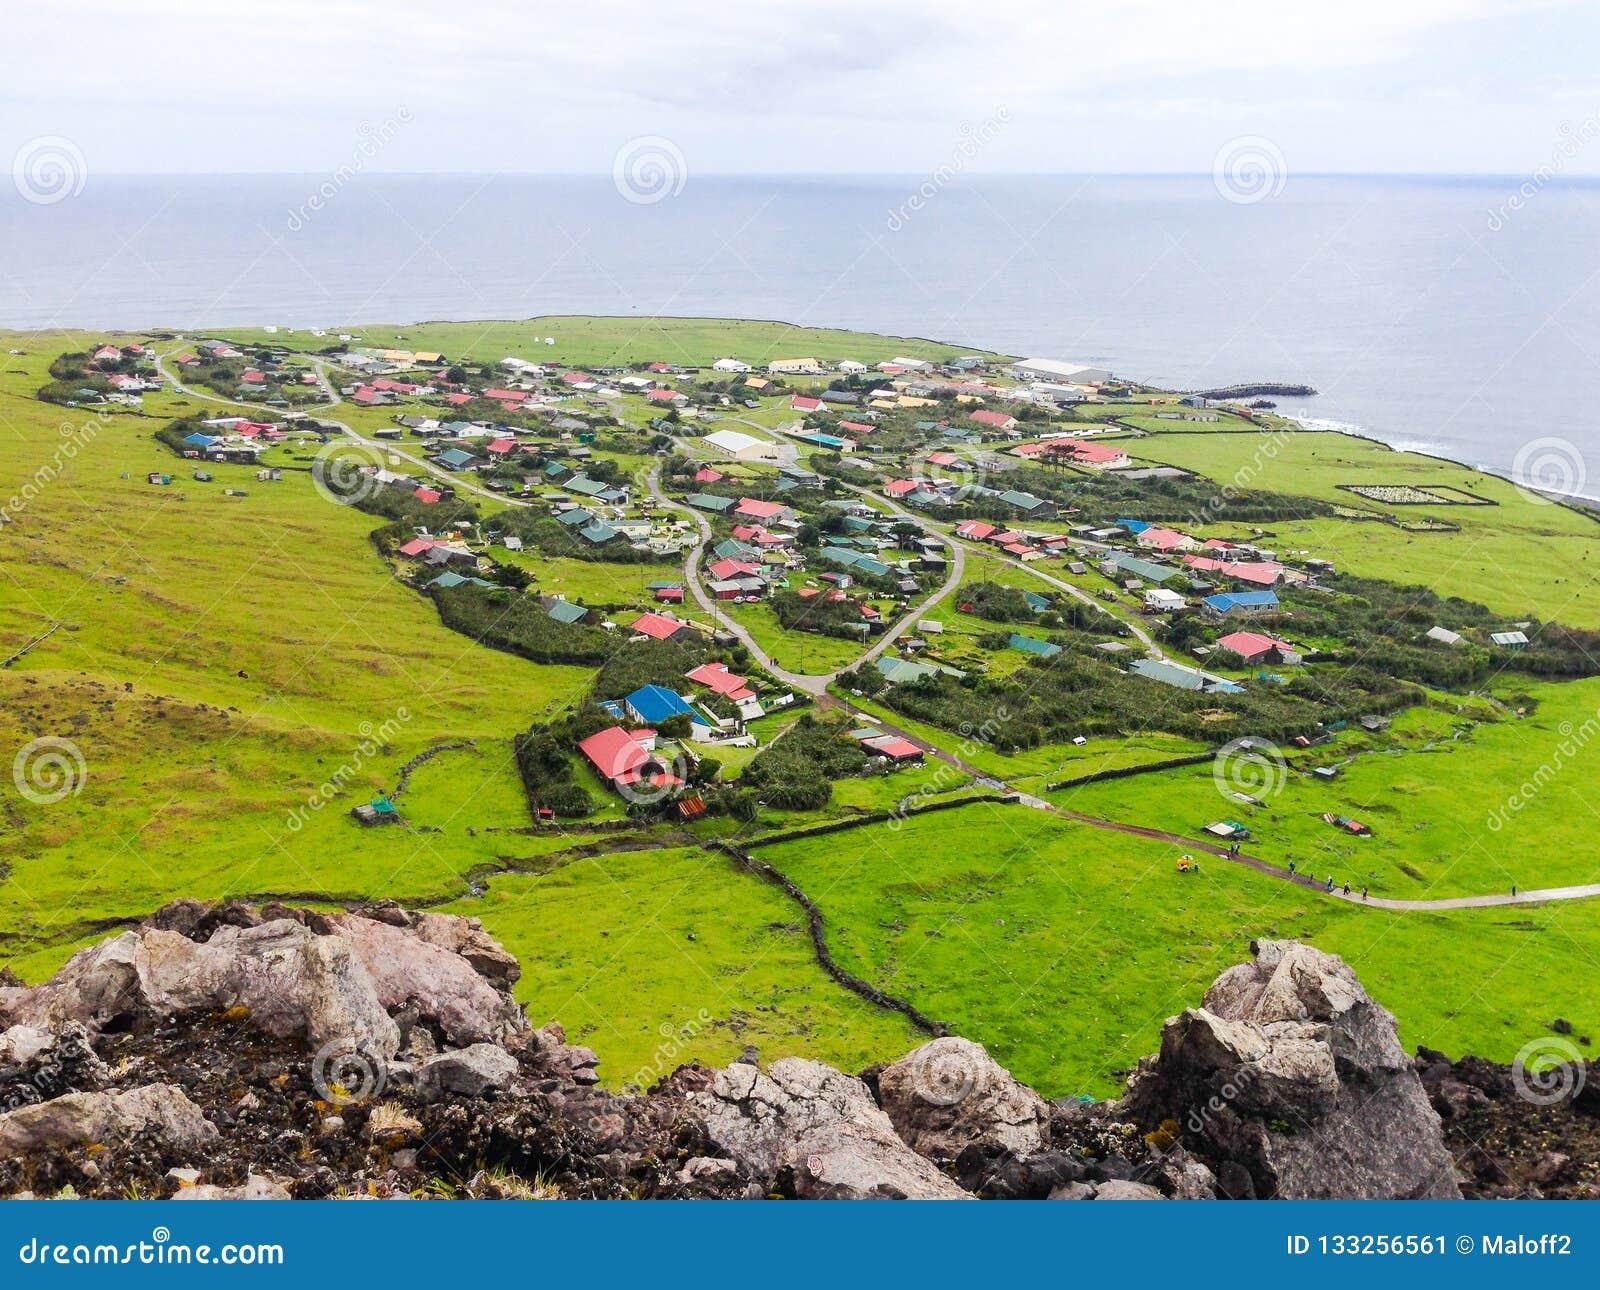 Edinburgh des sieben See-Stadt-Luft- Panoramablicks, Tristan da Cunha, die entfernt bewohnte Insel, Süd-Atlantik